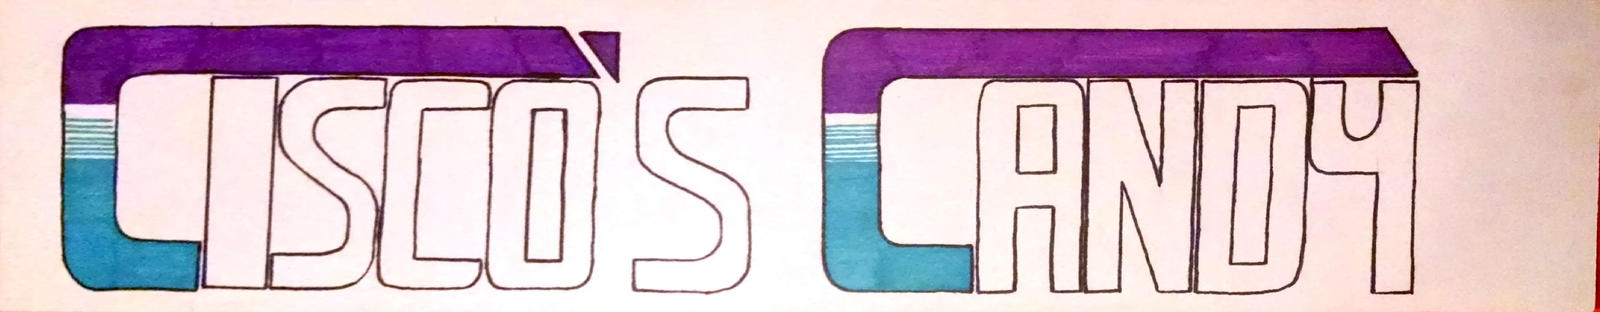 Cisco's Candy Shop Logo